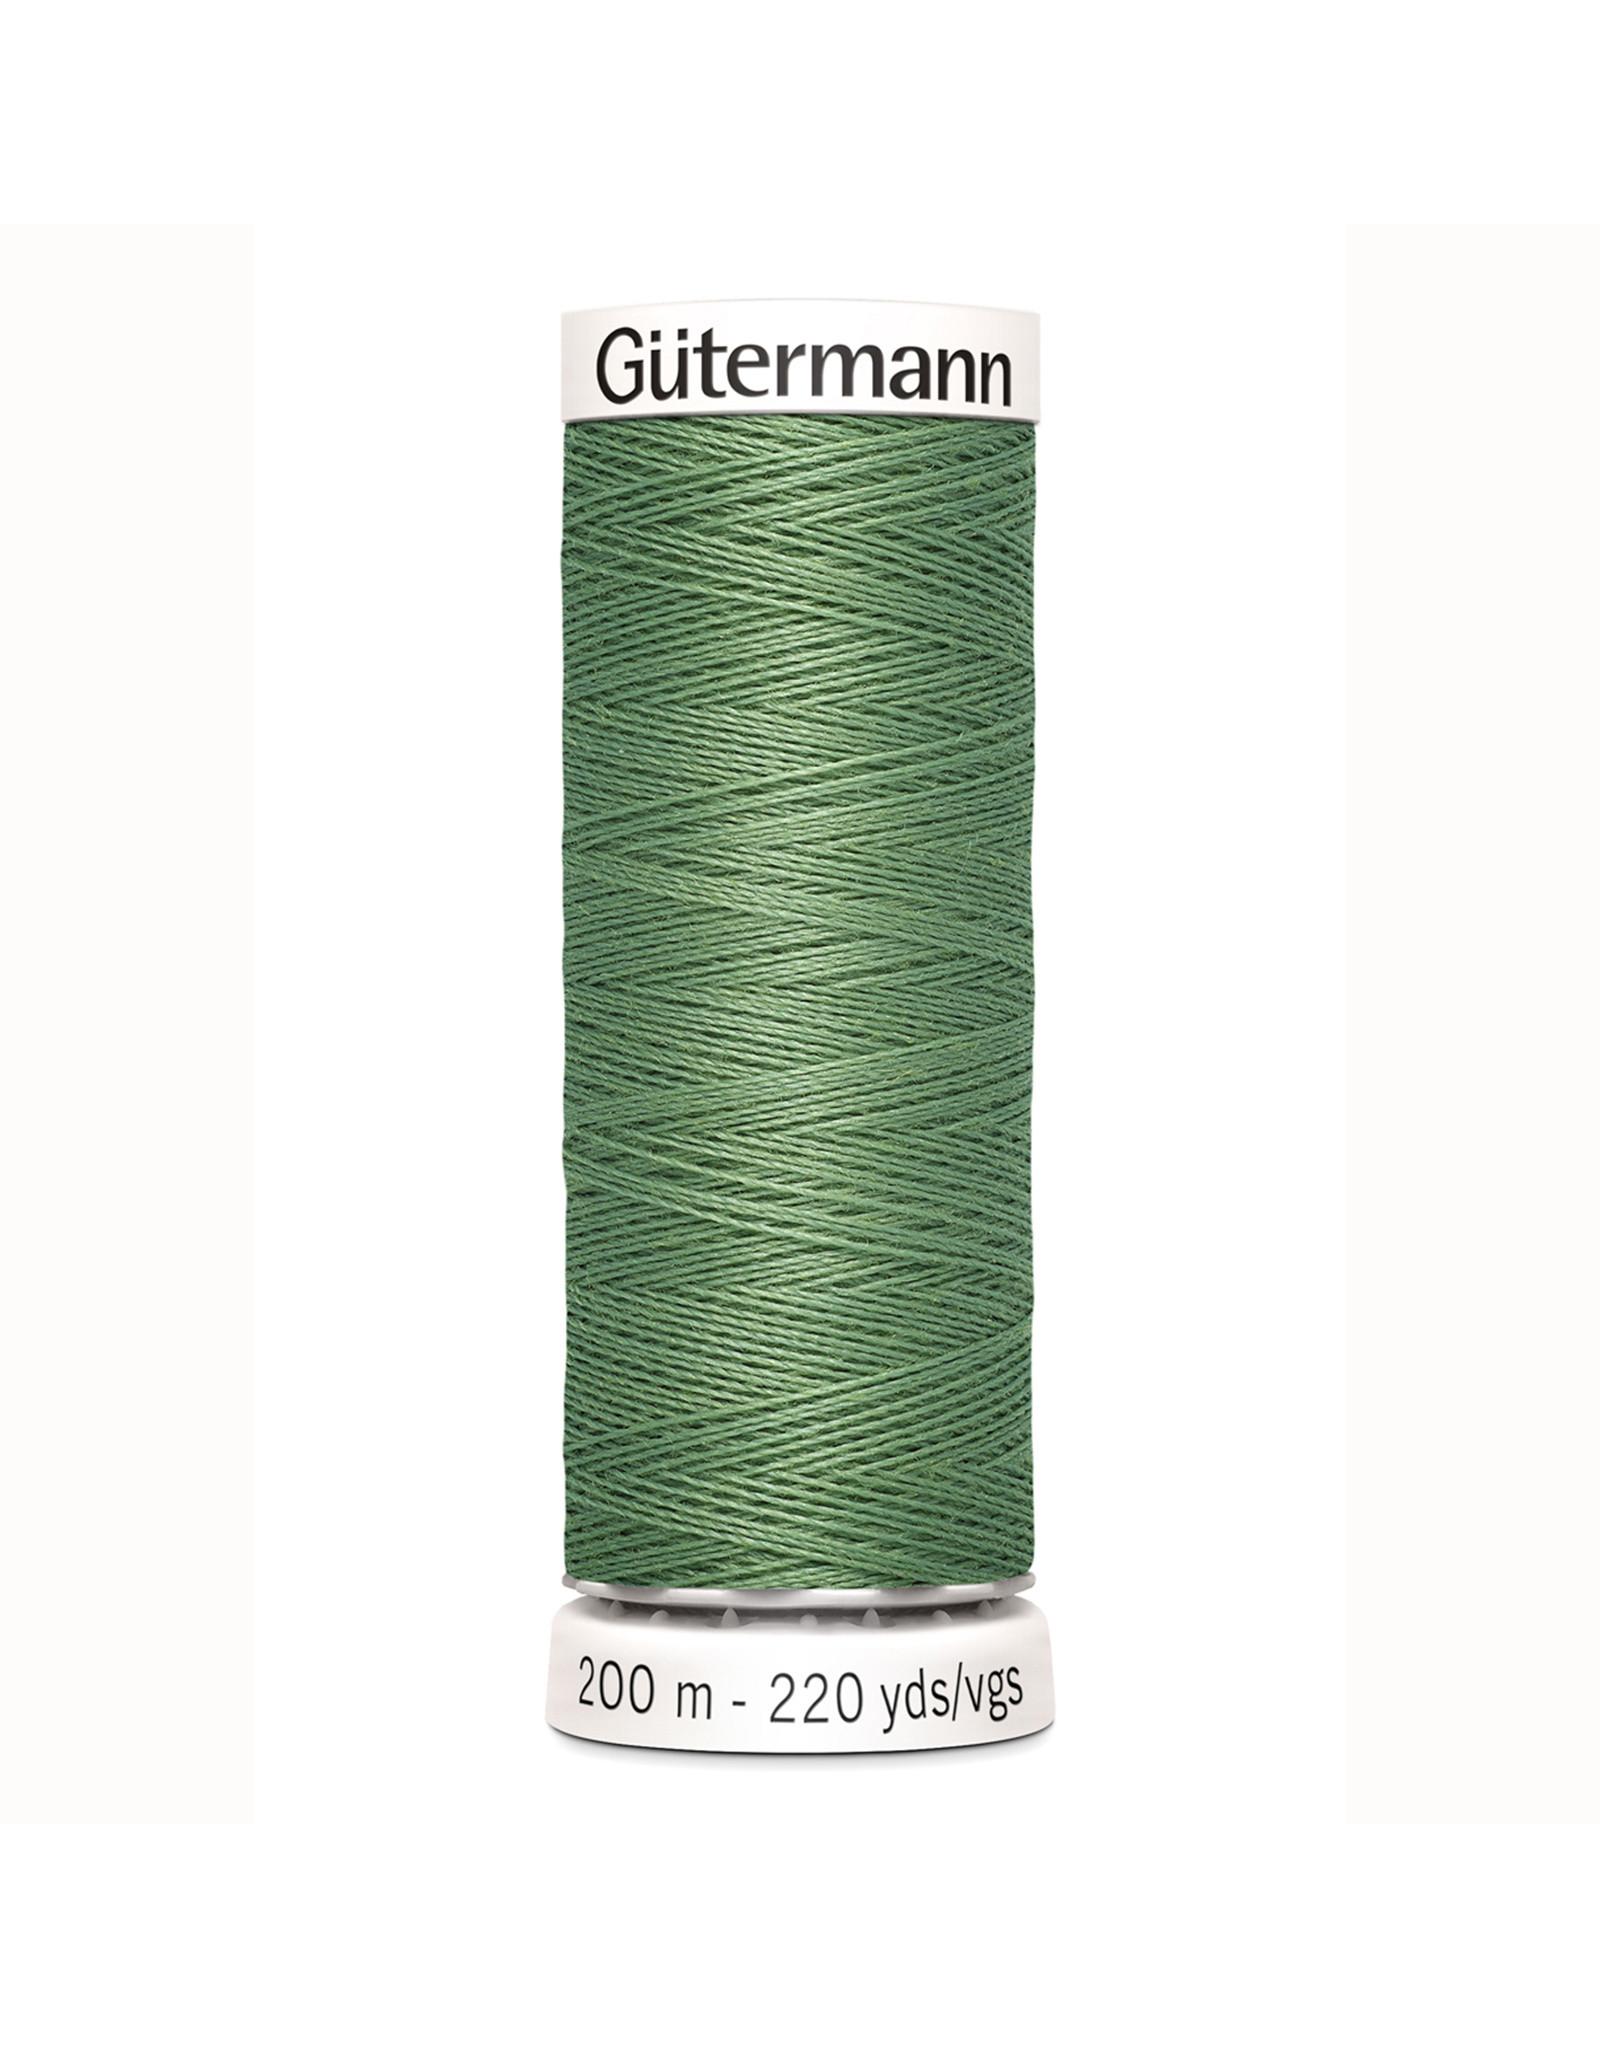 Gütermann Gütermann Nähgarn 200 m - nr 821